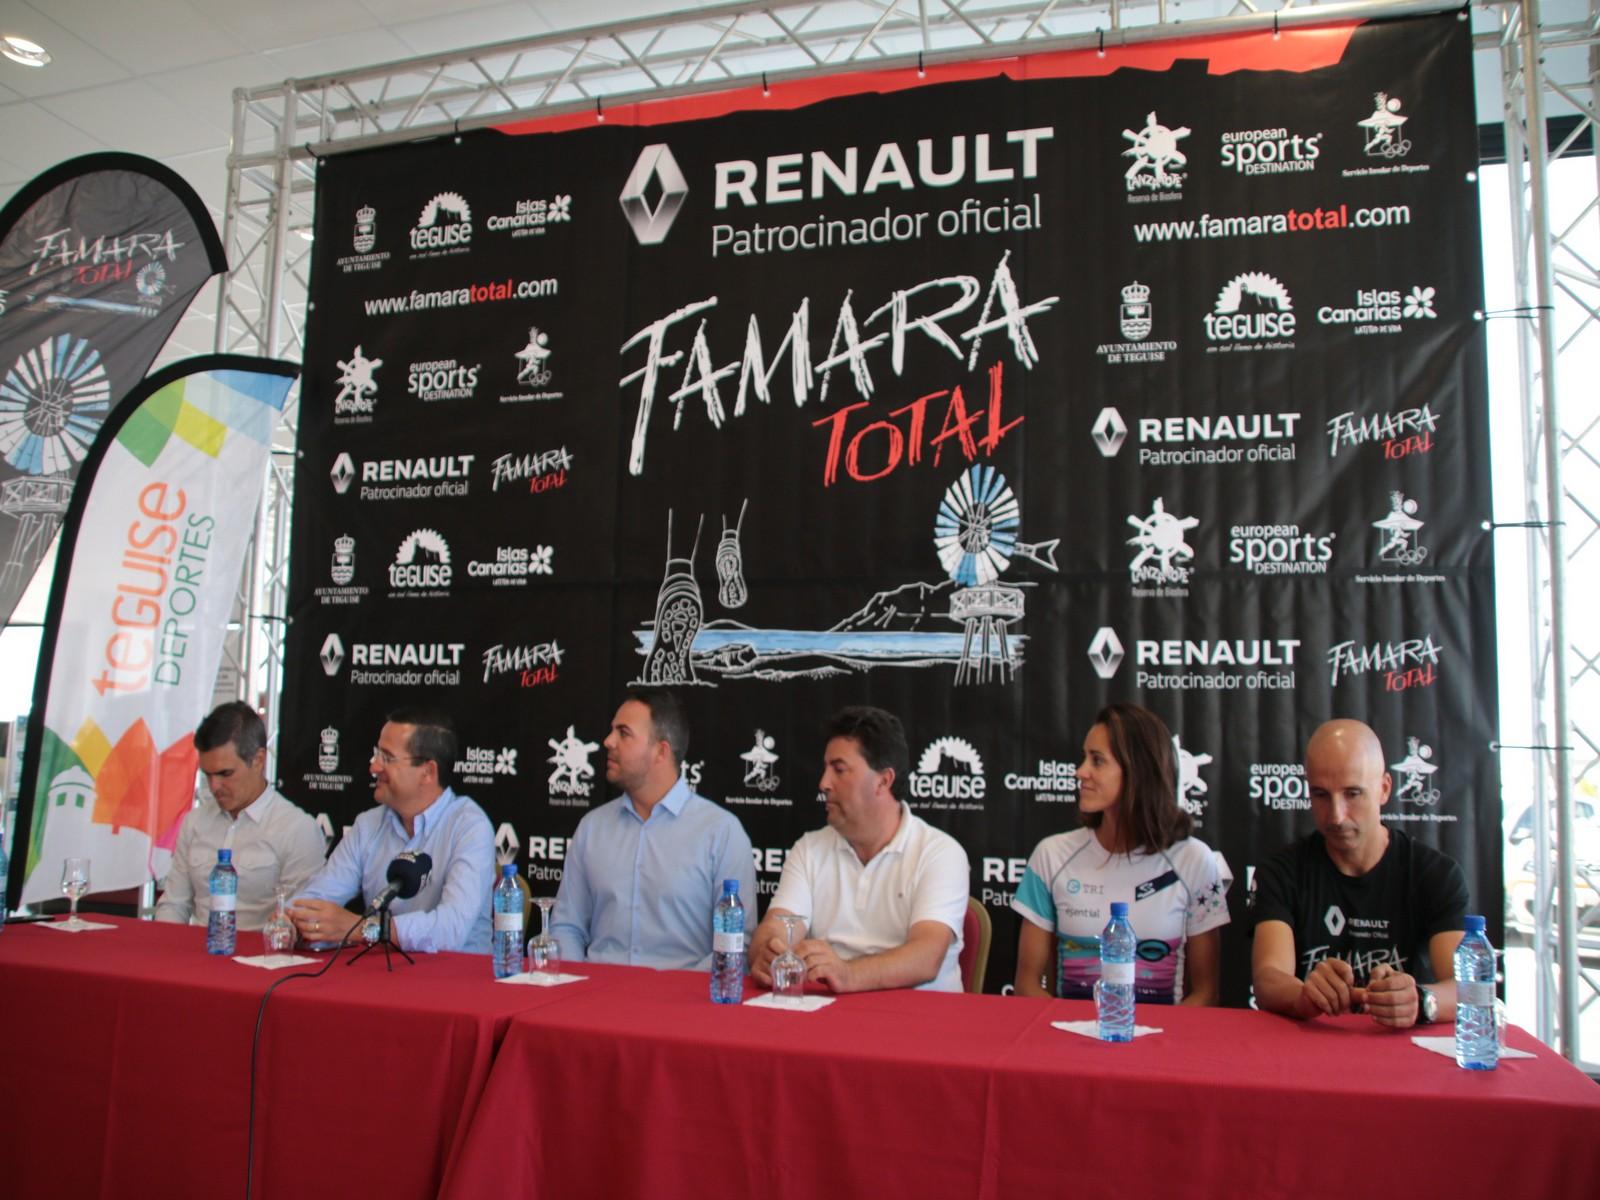 Todo preparado para la tercera edición de la Renault Vertical Famara Total